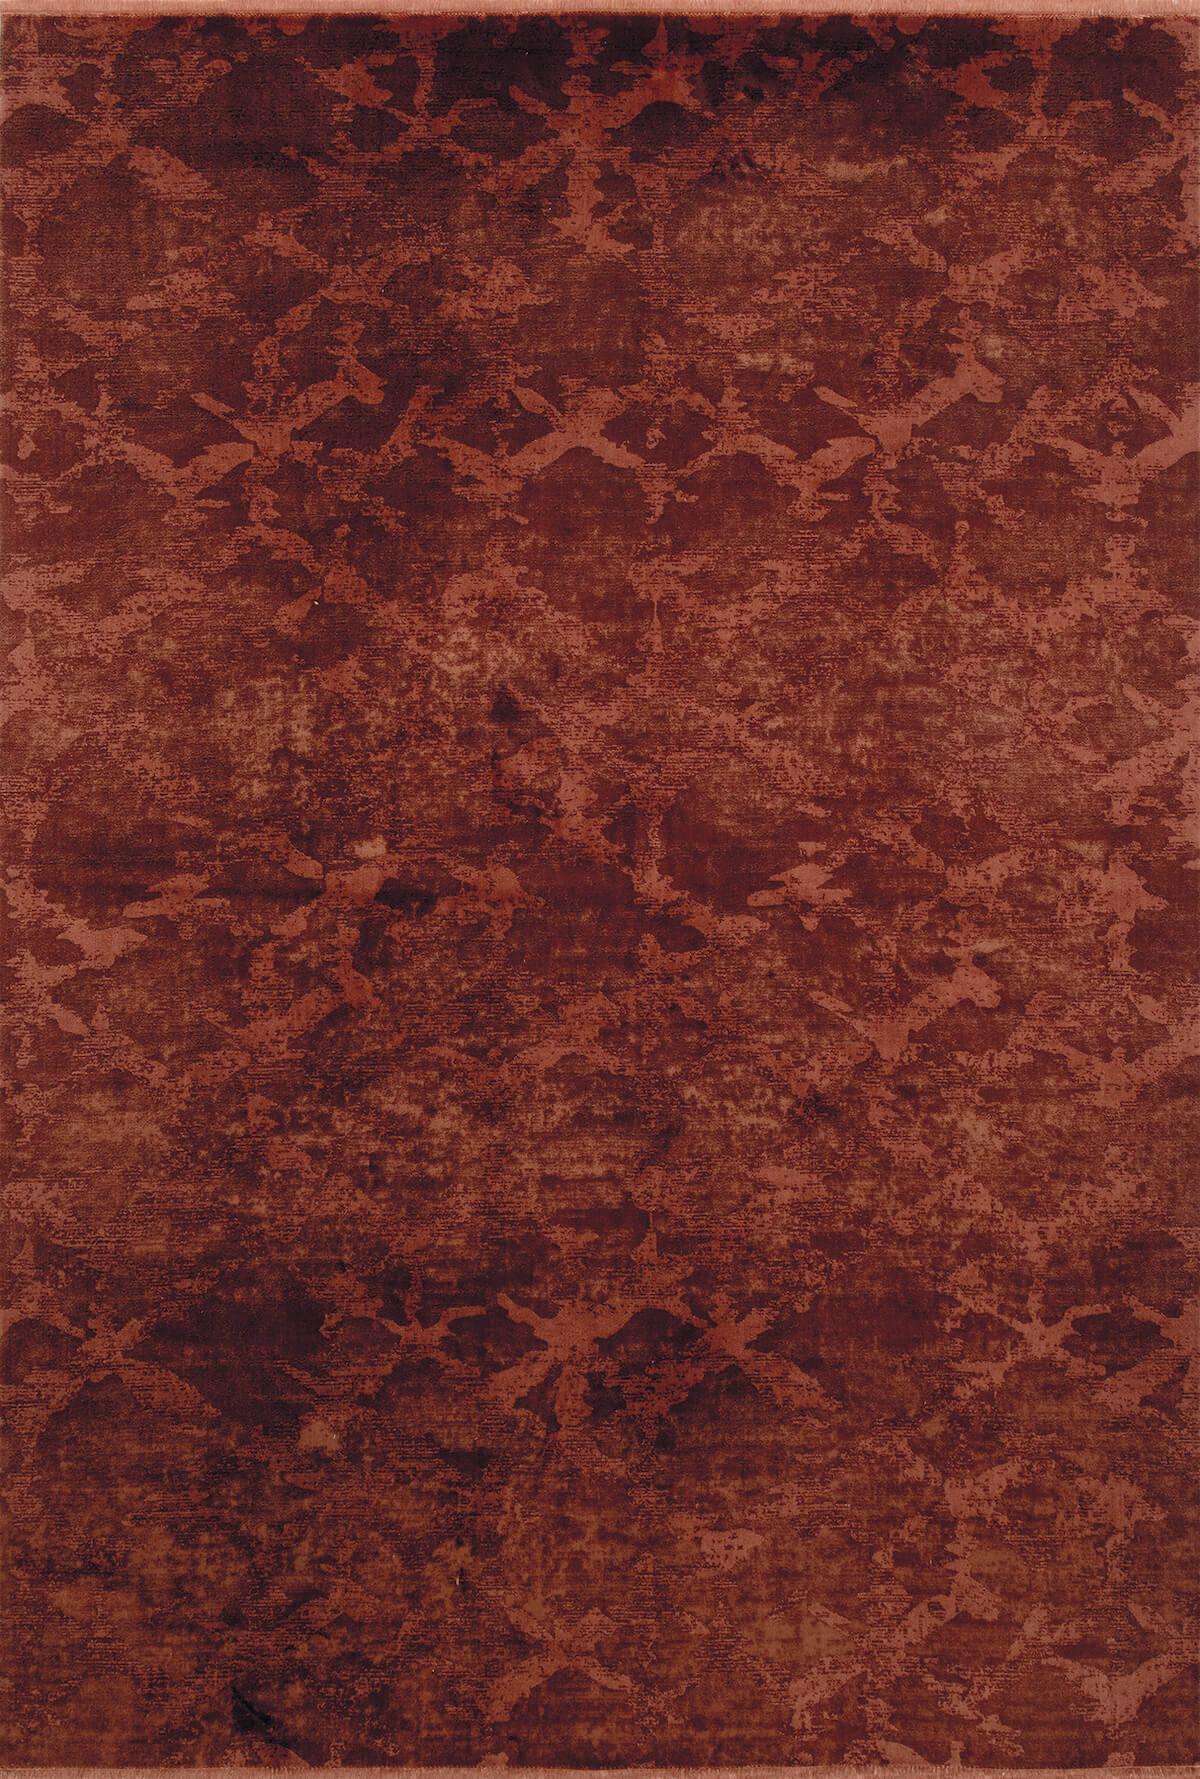 KADİFE KİLİM 5304 TABA Kadife Kilim Dekoratif Kilim